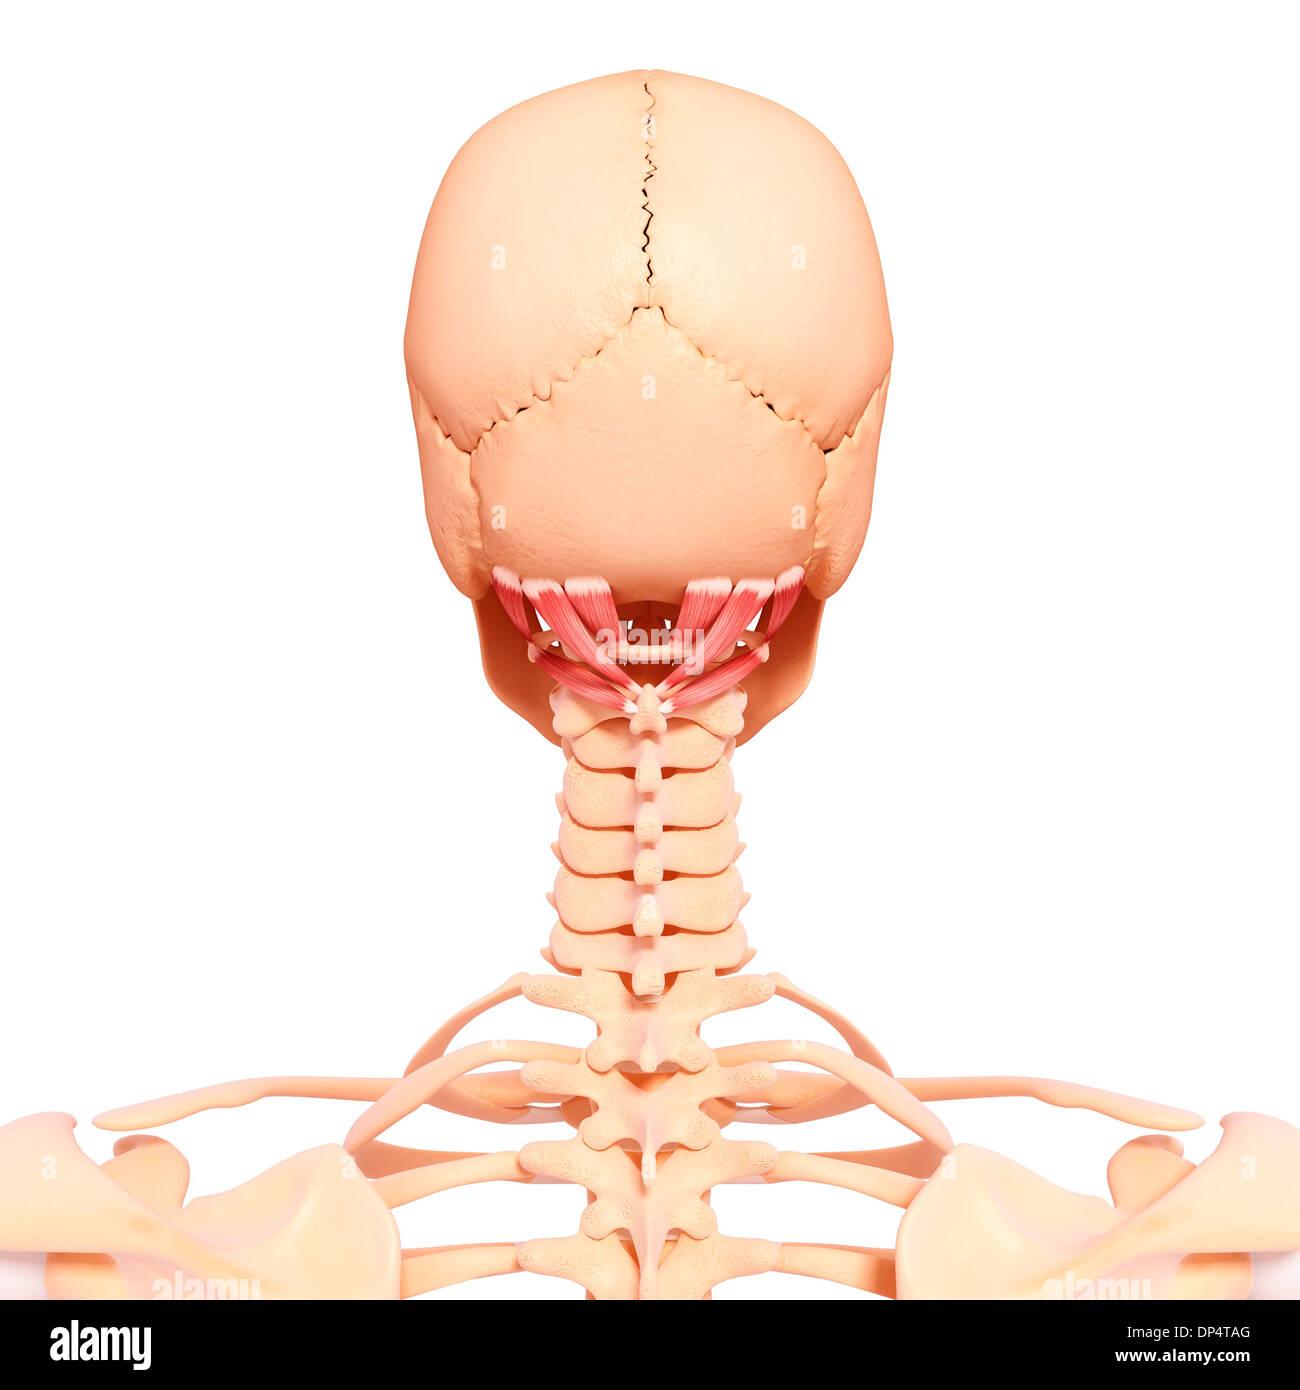 Beste Halsmuskelanatomie Abbildungen Bilder - Menschliche Anatomie ...